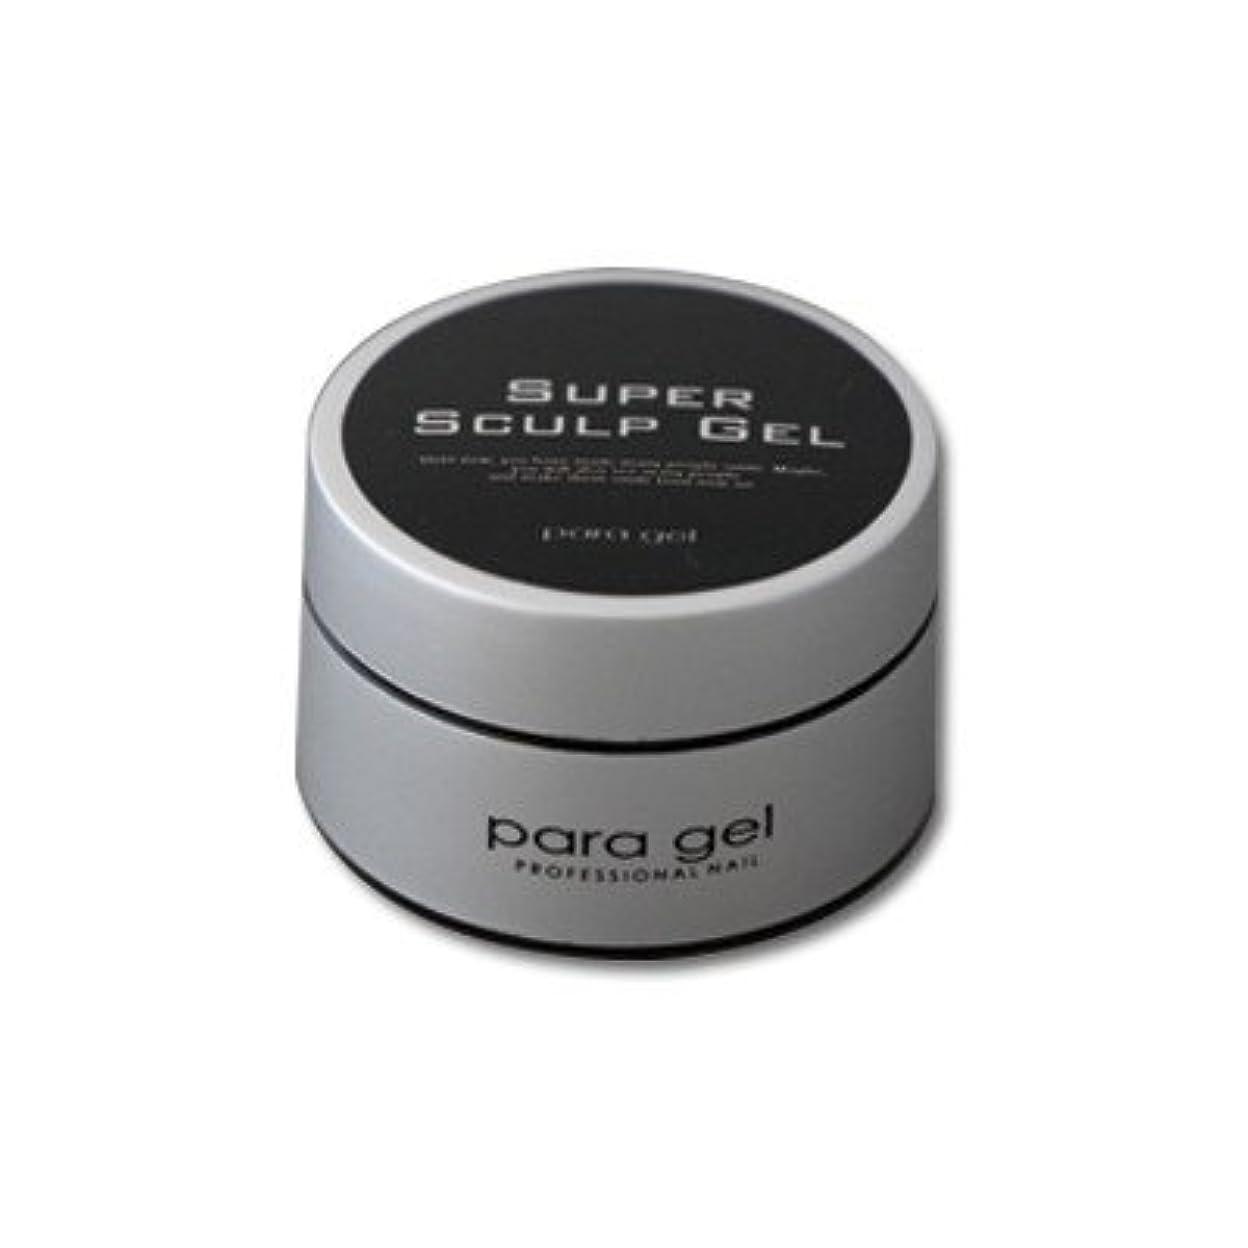 限界寄付リビングルームpara gel(パラジェル) スーパースカルプジェル 10g